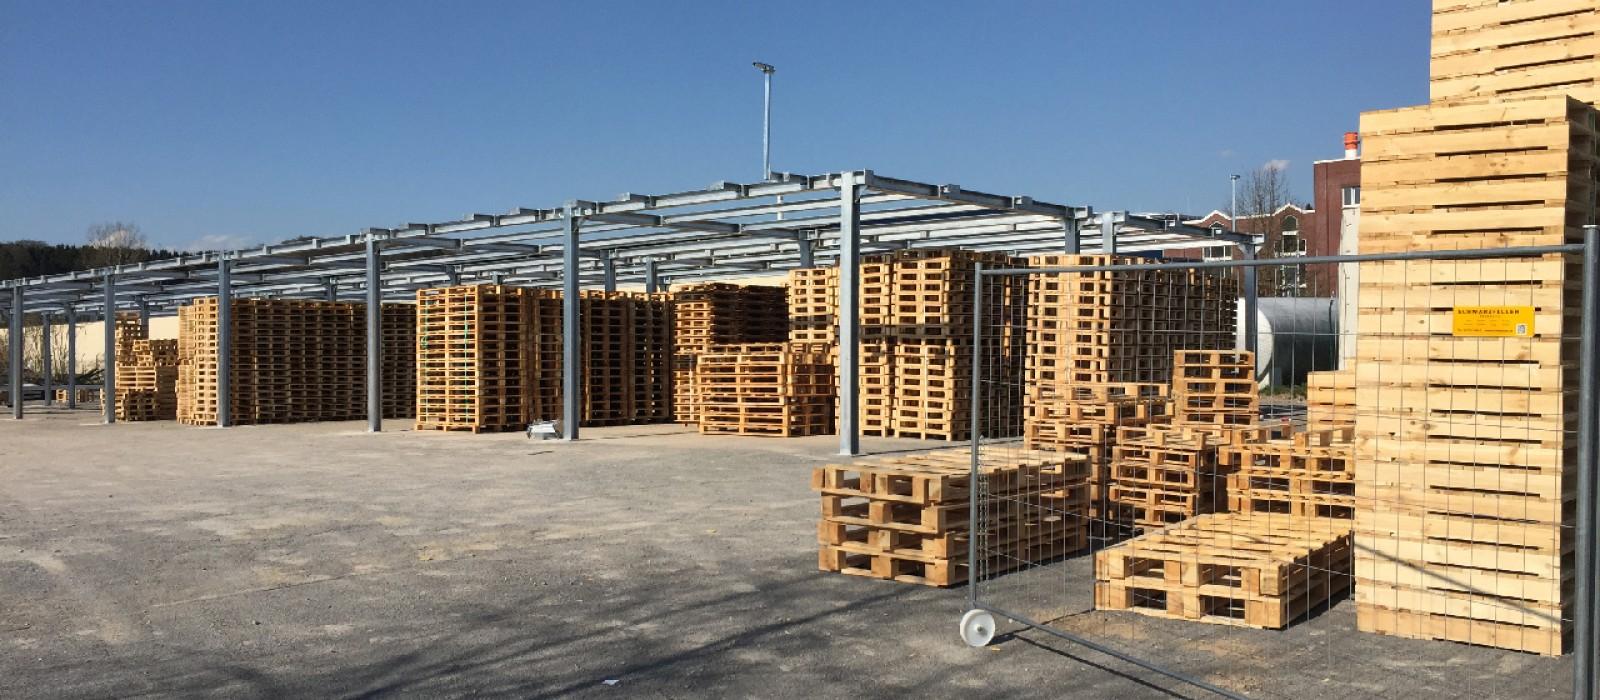 Überdachungen-als-Baukastensystem